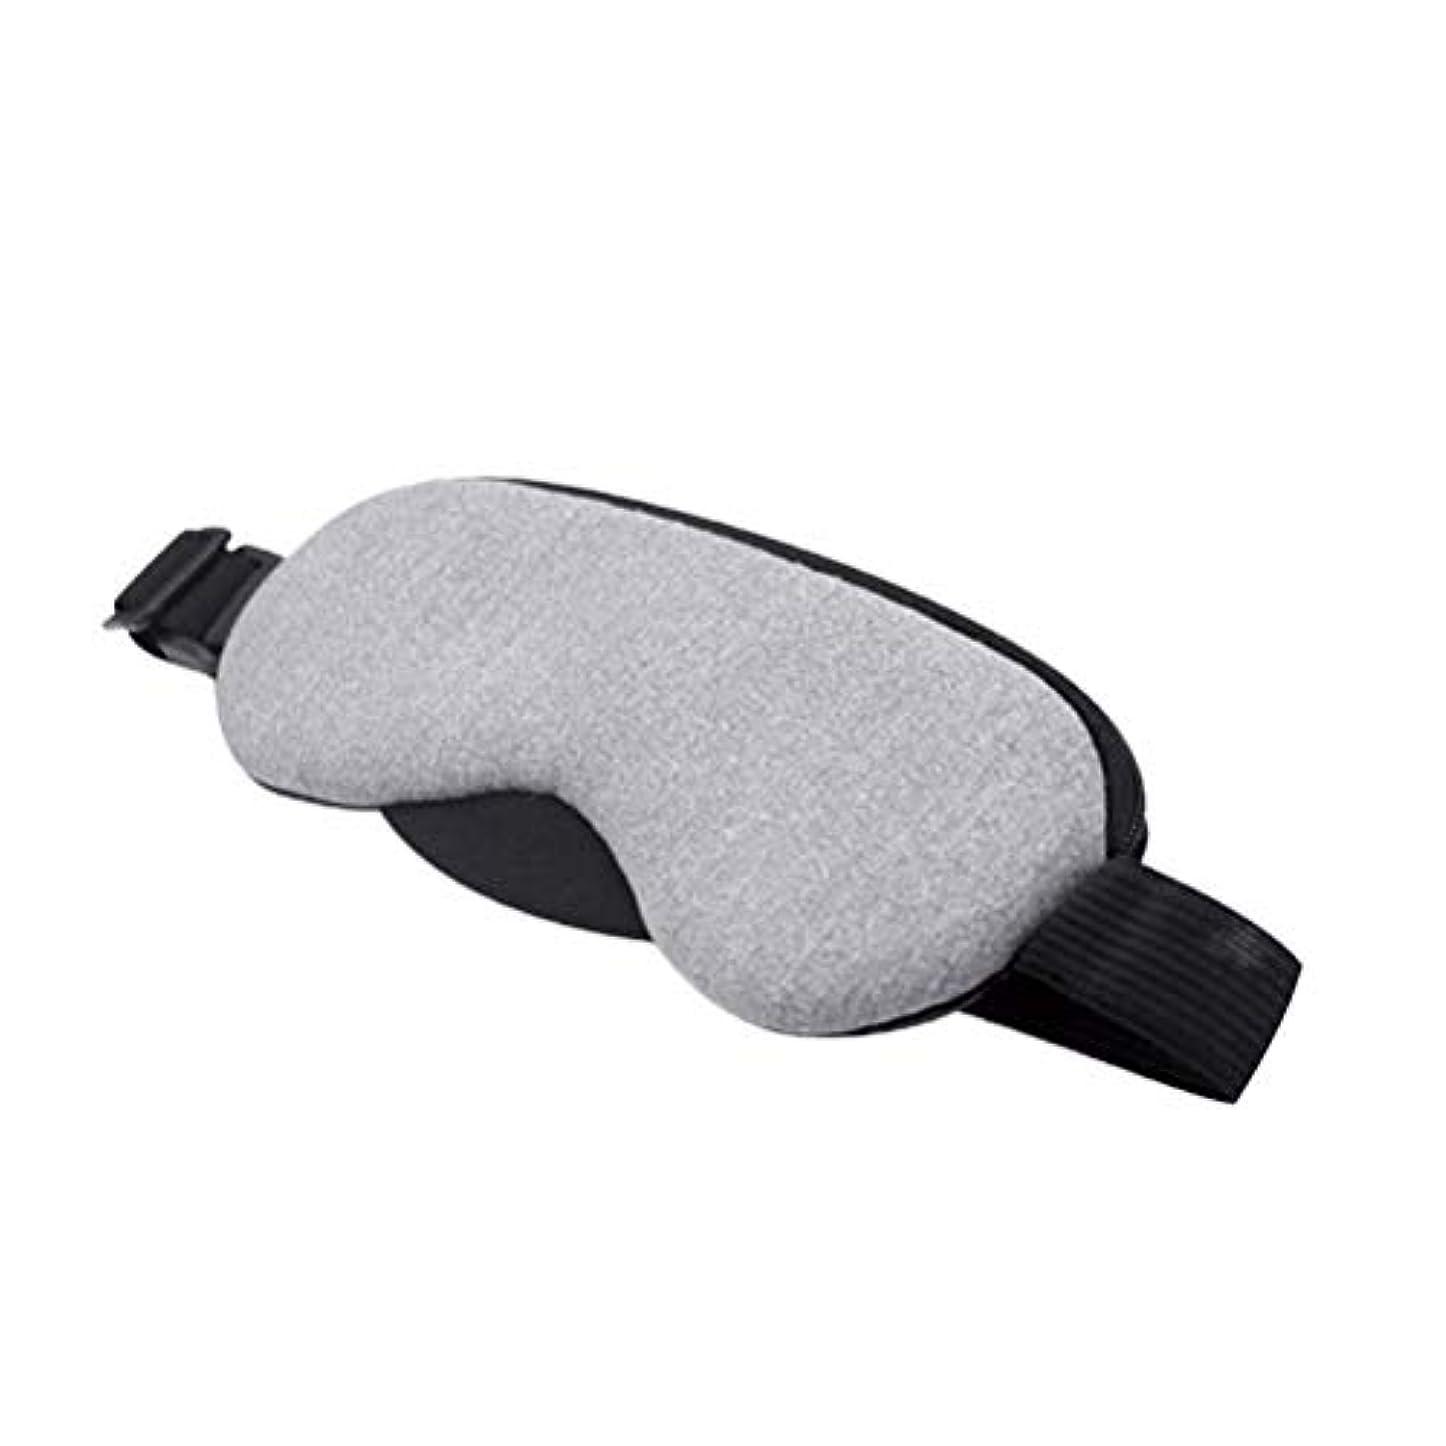 幻影傾く蒸留するHEALIFTY アイマスクUSBヒートホットスチームアイマスクは、パフの目を癒すために設計されています。ダークサークルアイドライアイブライトフィリストストレスフィニッシュアイ(グレーフレグランスフリー)